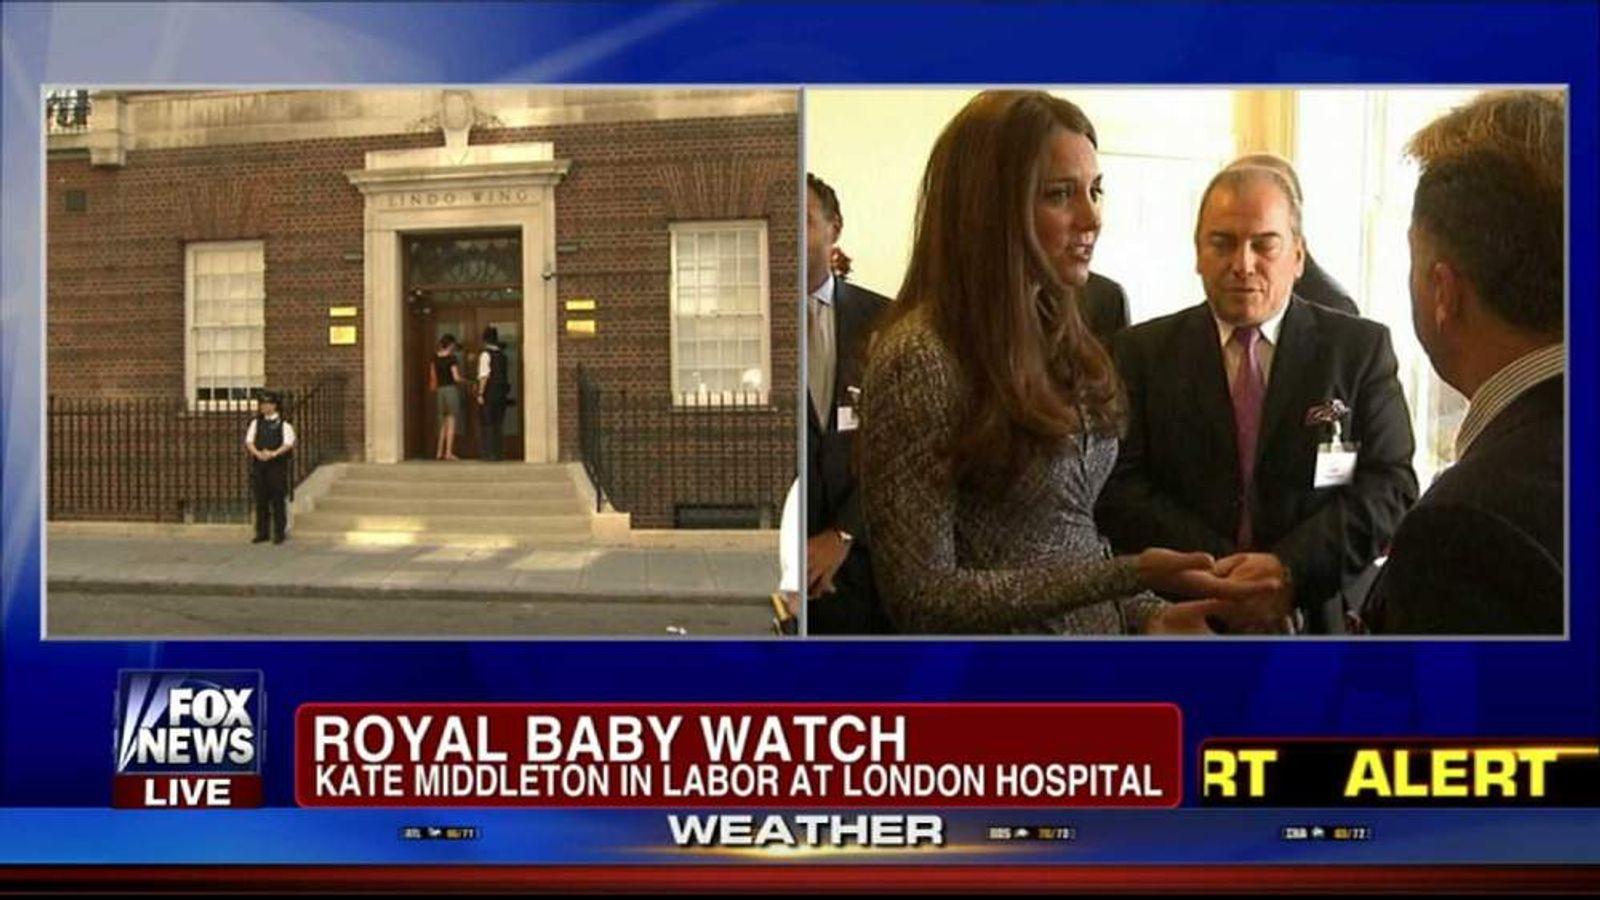 Royal baby Fox News off air